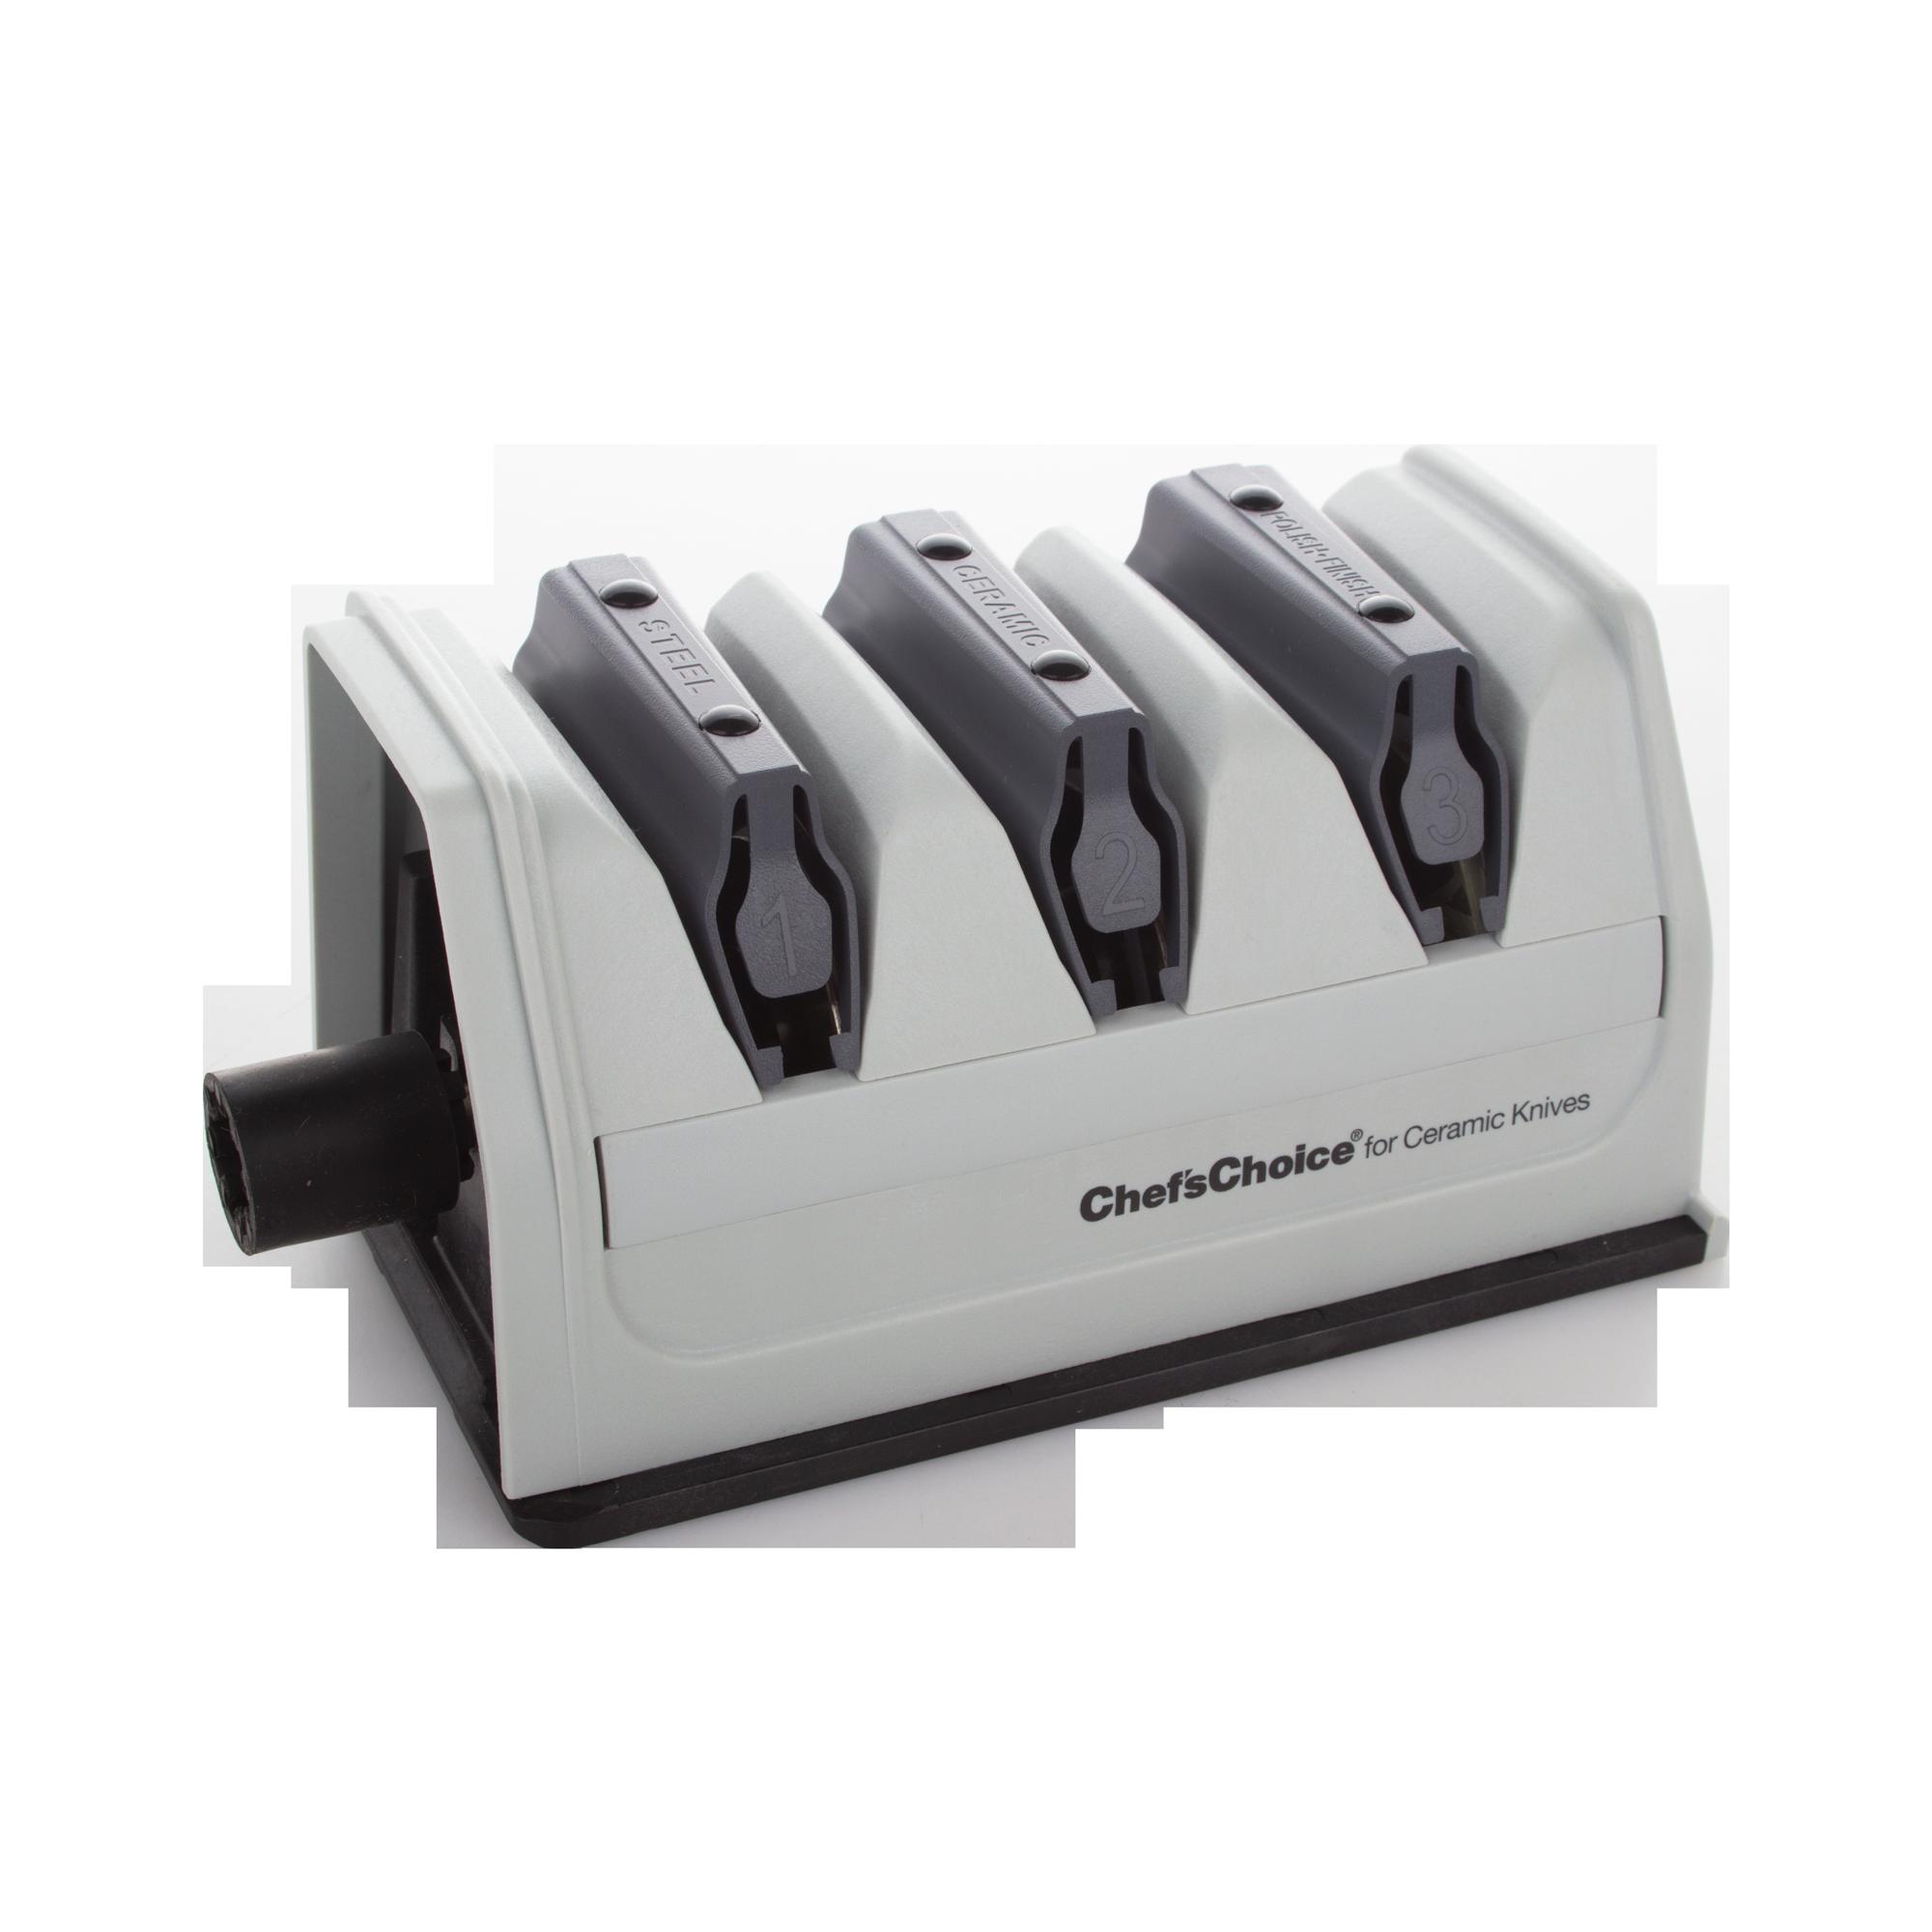 Запасной точильный модуль для заточки керамических ножей, к станку СС2100 freeflow bpa free 2 шт